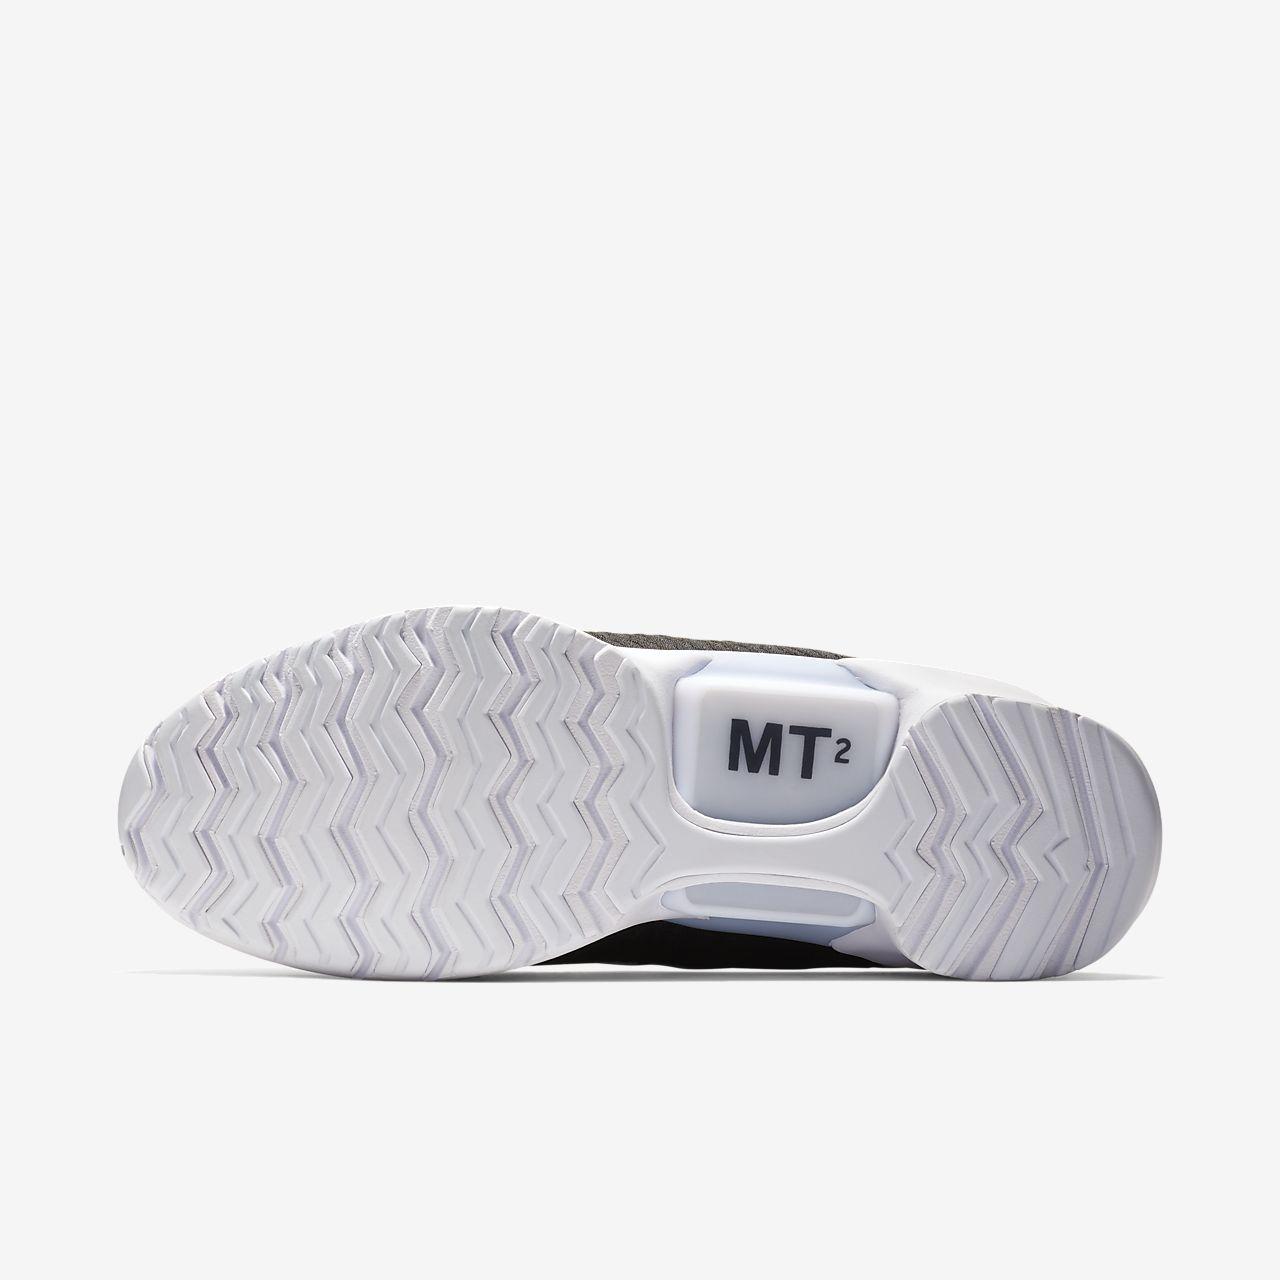 Nike Shoe Sensor Page 2 Women's Shoes